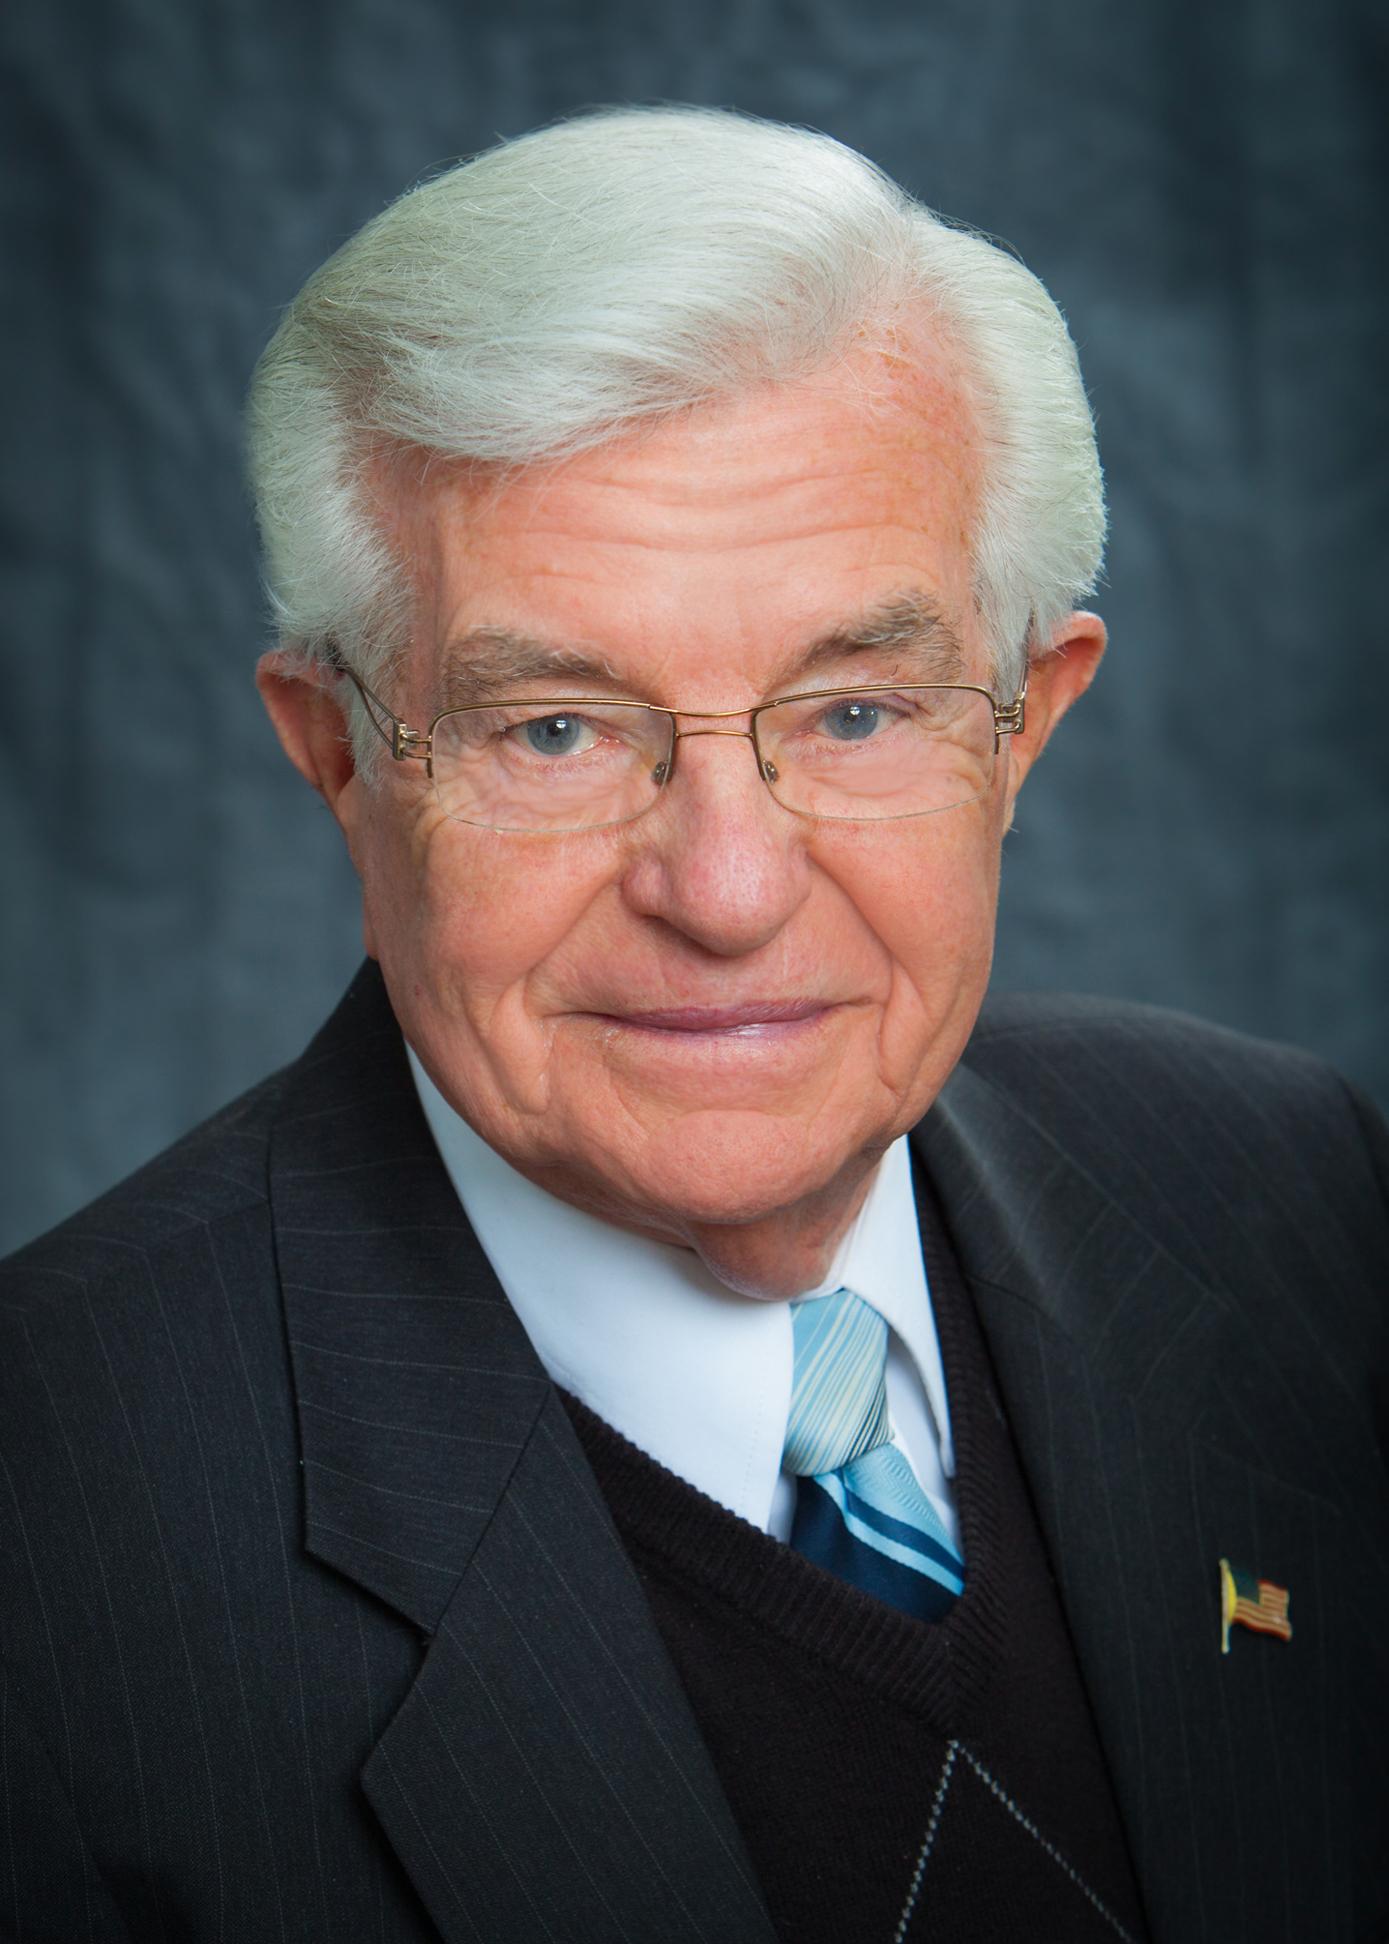 Patrick McAvinue